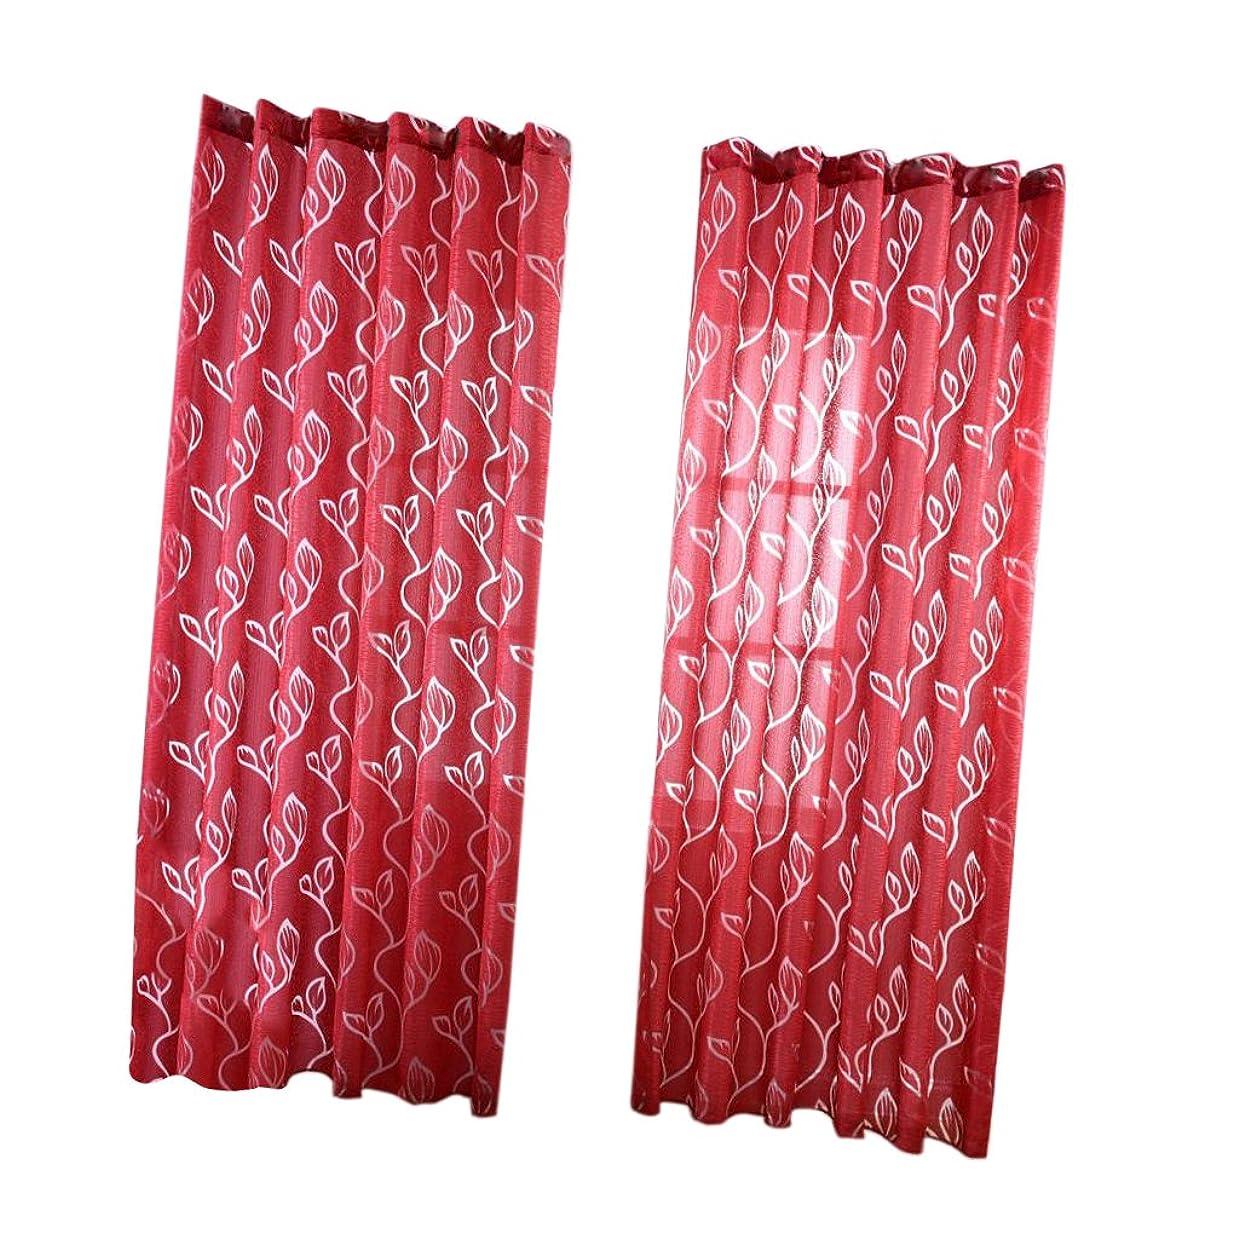 脳囲いレンダリングB Baosity チュール カーテン 明るく 葉柄 装飾 ボイルカーテン 洗濯可能 窓 部屋 薄手 薄い レッド